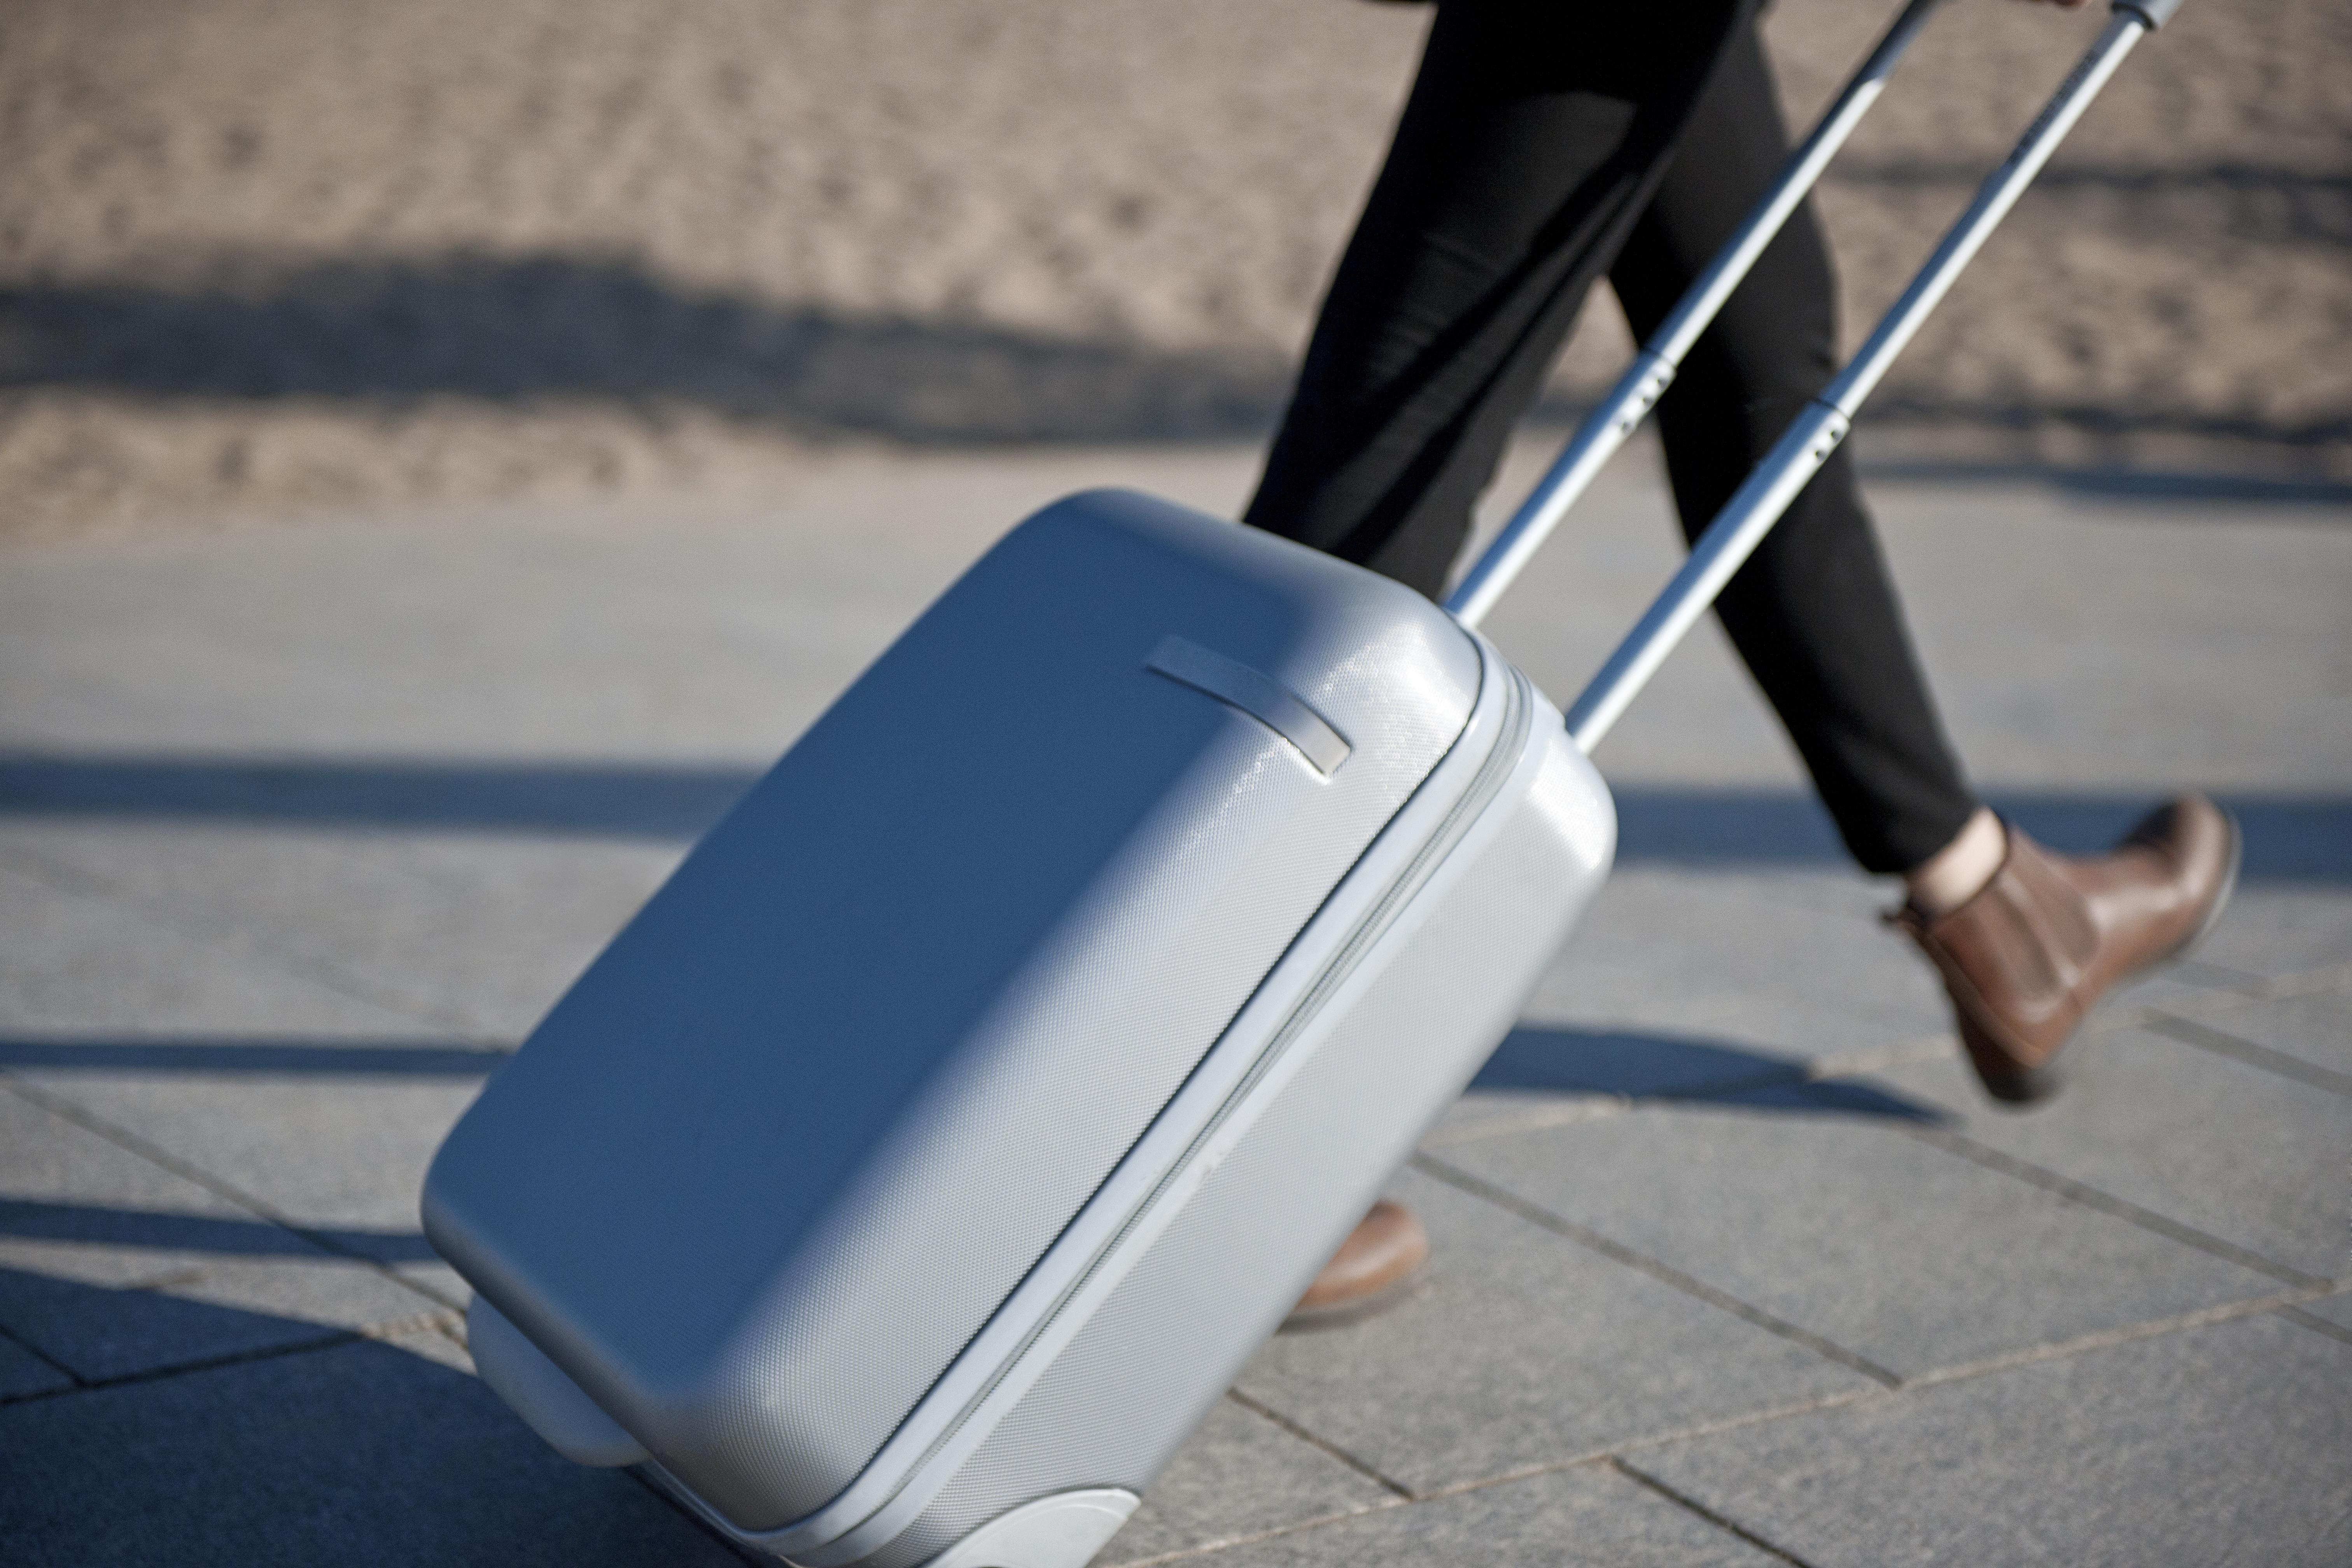 vad får man ha i sitt handbagage